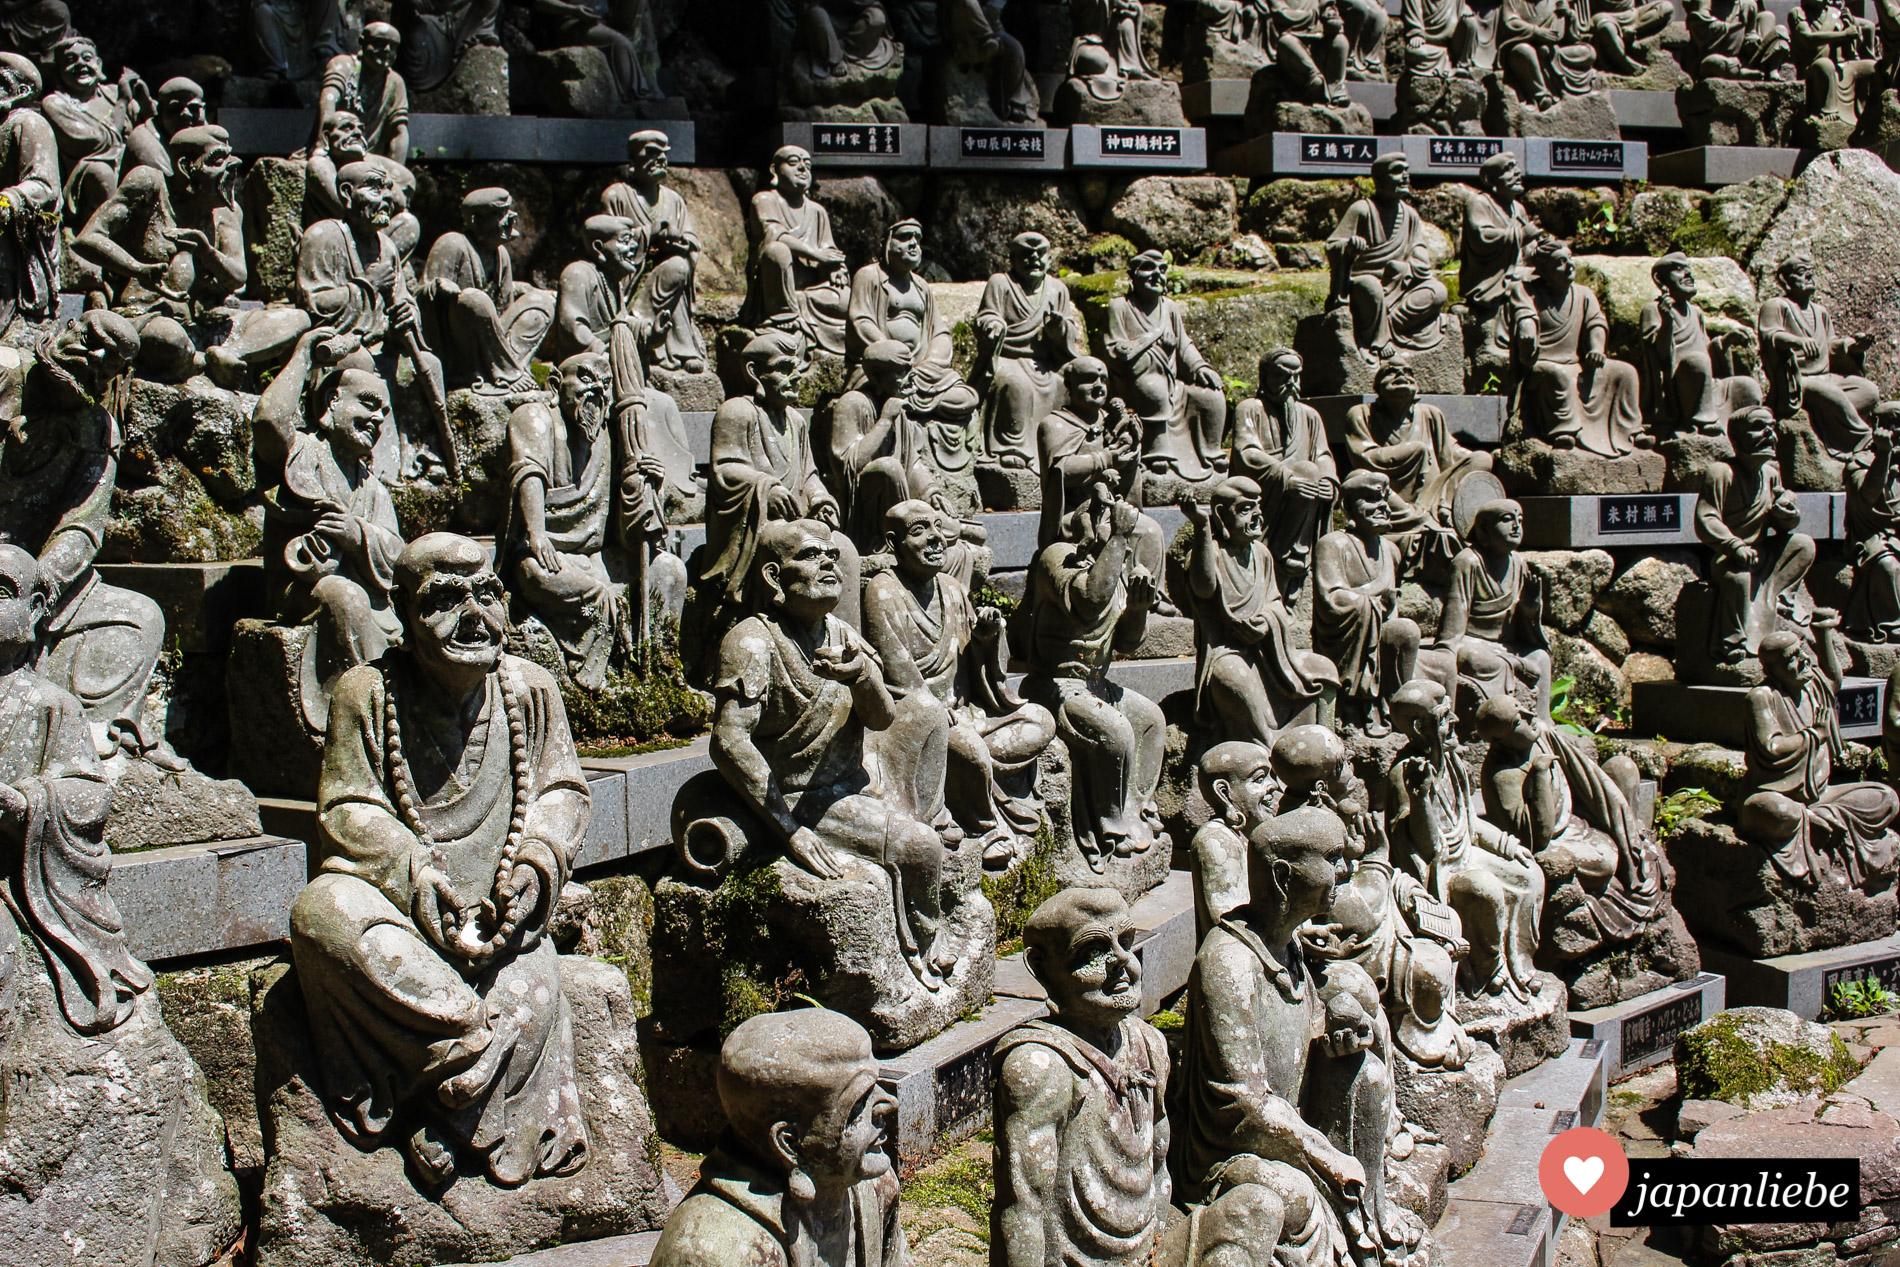 Am Nanzo-in-Tempel gibt es unzählige Statuen zu bewundern. 500 davon zeigen Schüler Buddhas.